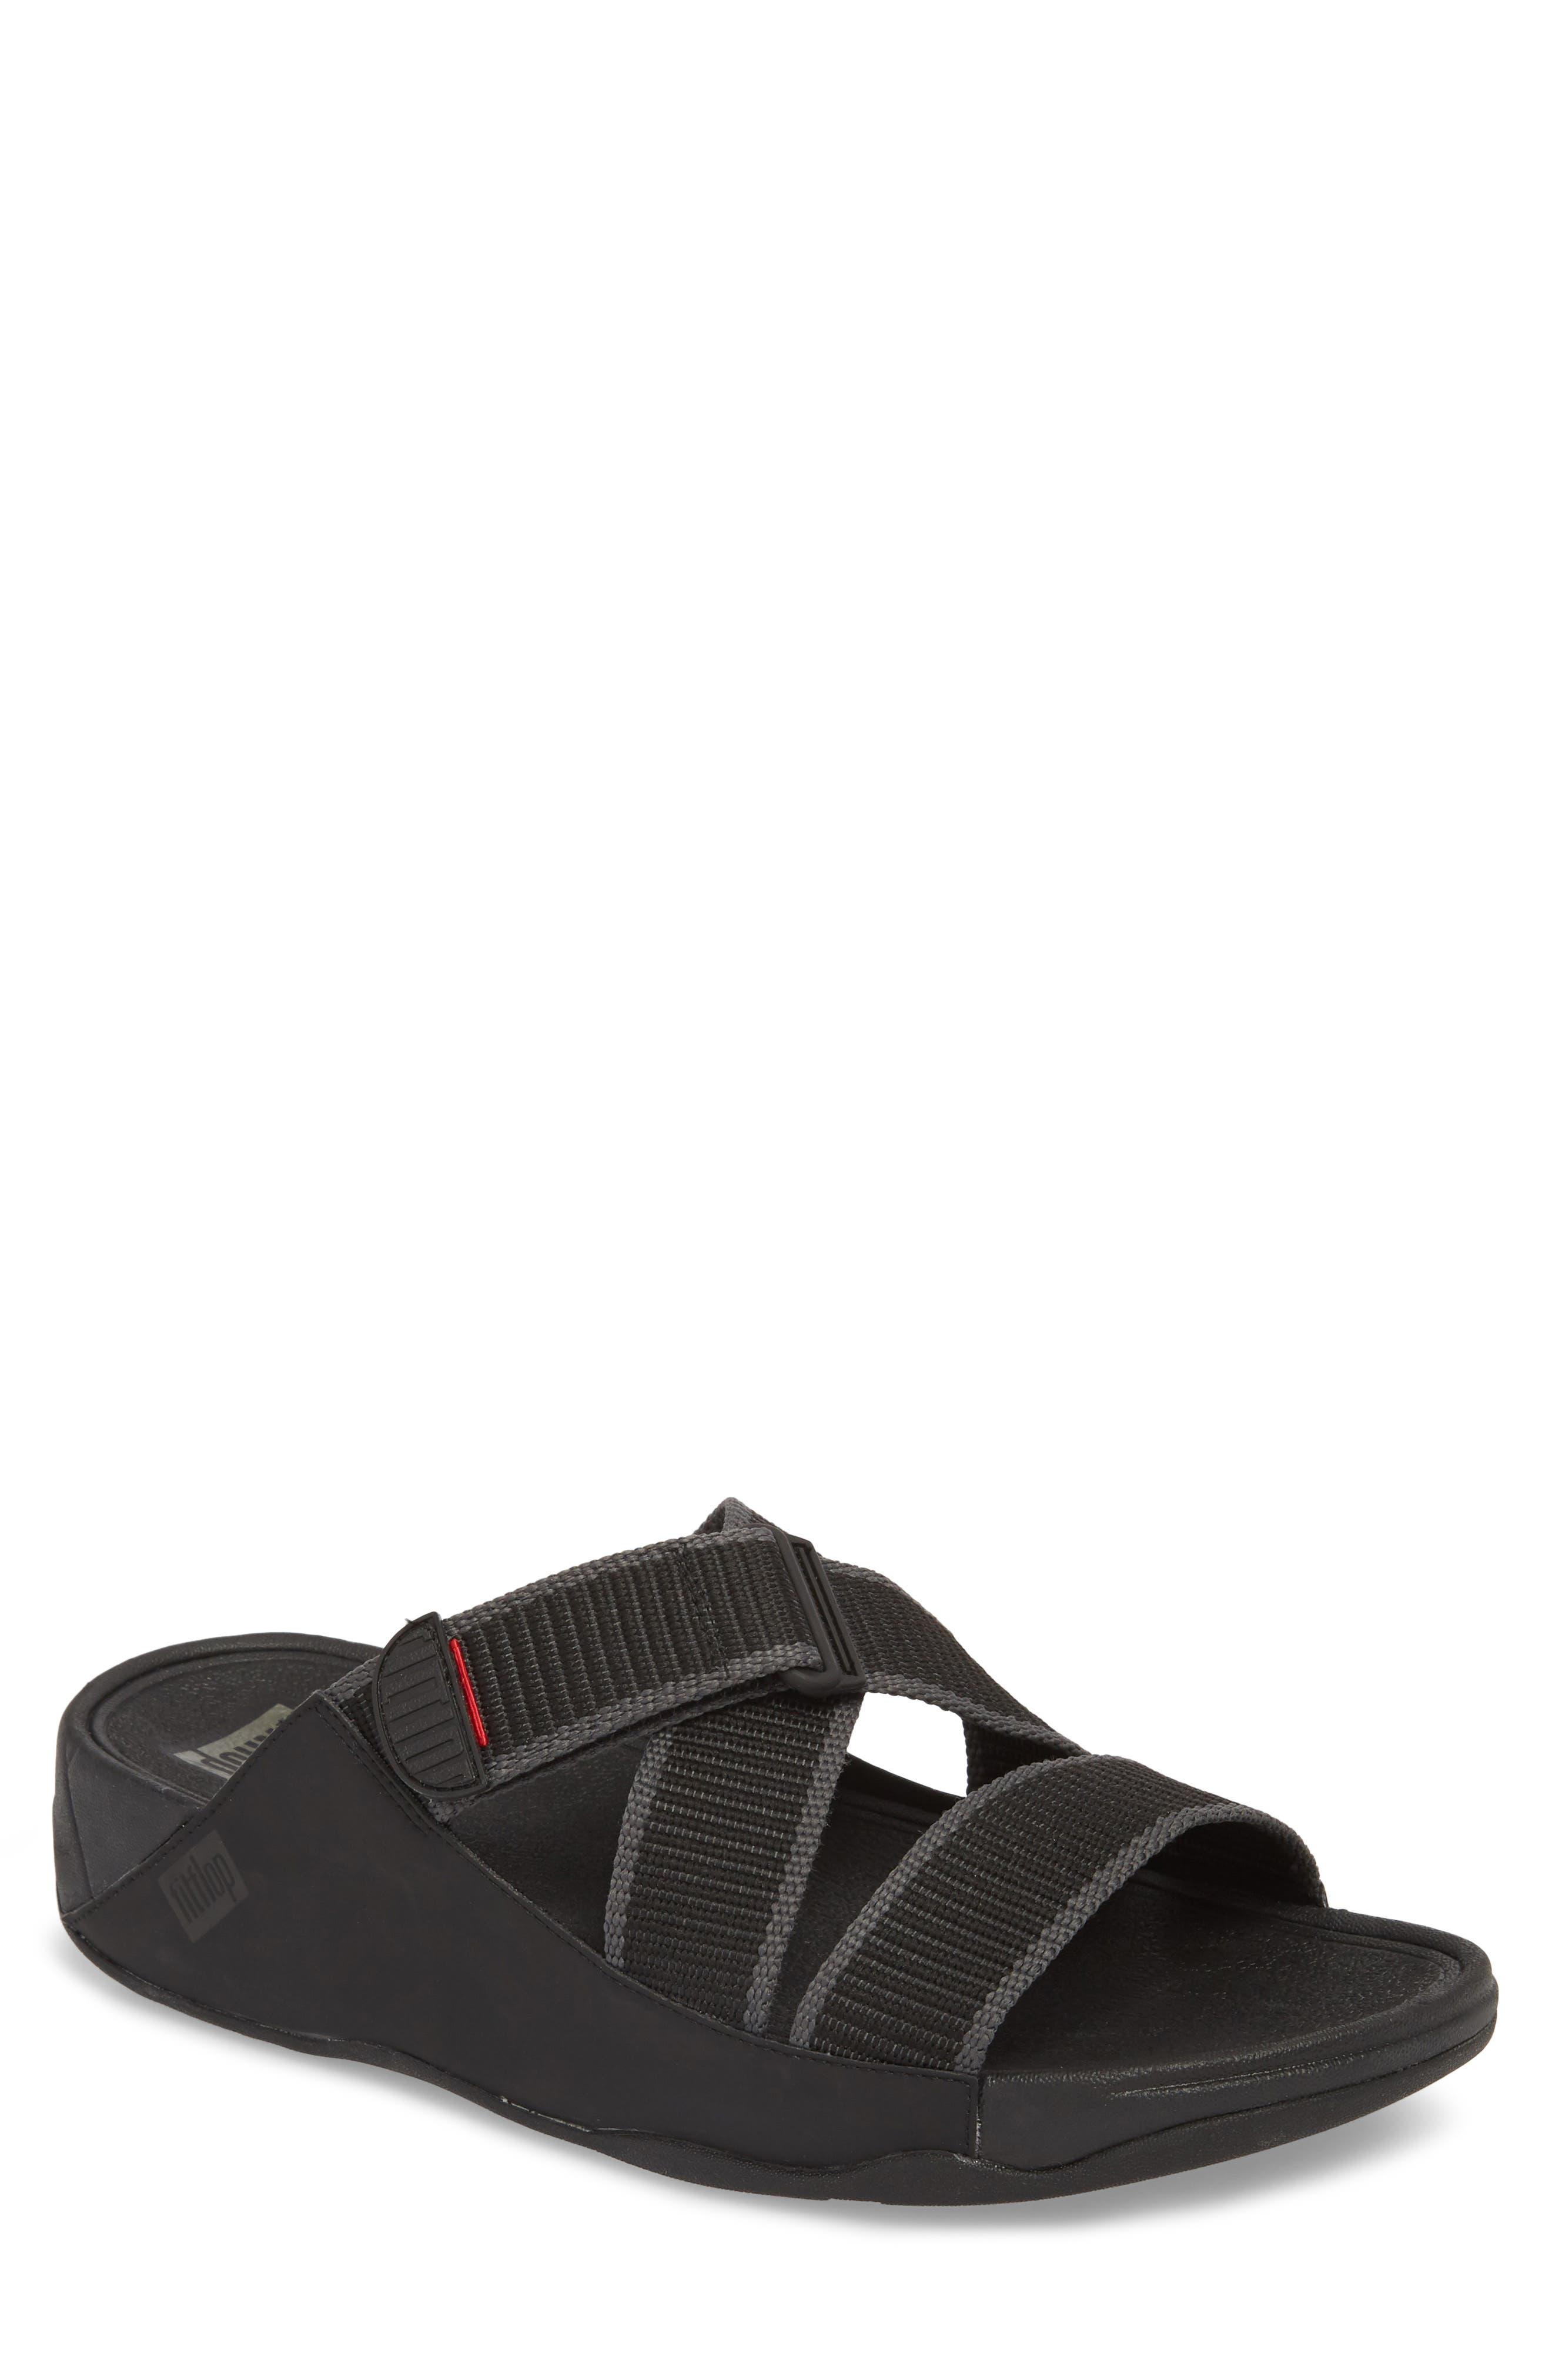 Sling II Slide Sandal,                         Main,                         color, BLACK/ DARK SHADOW